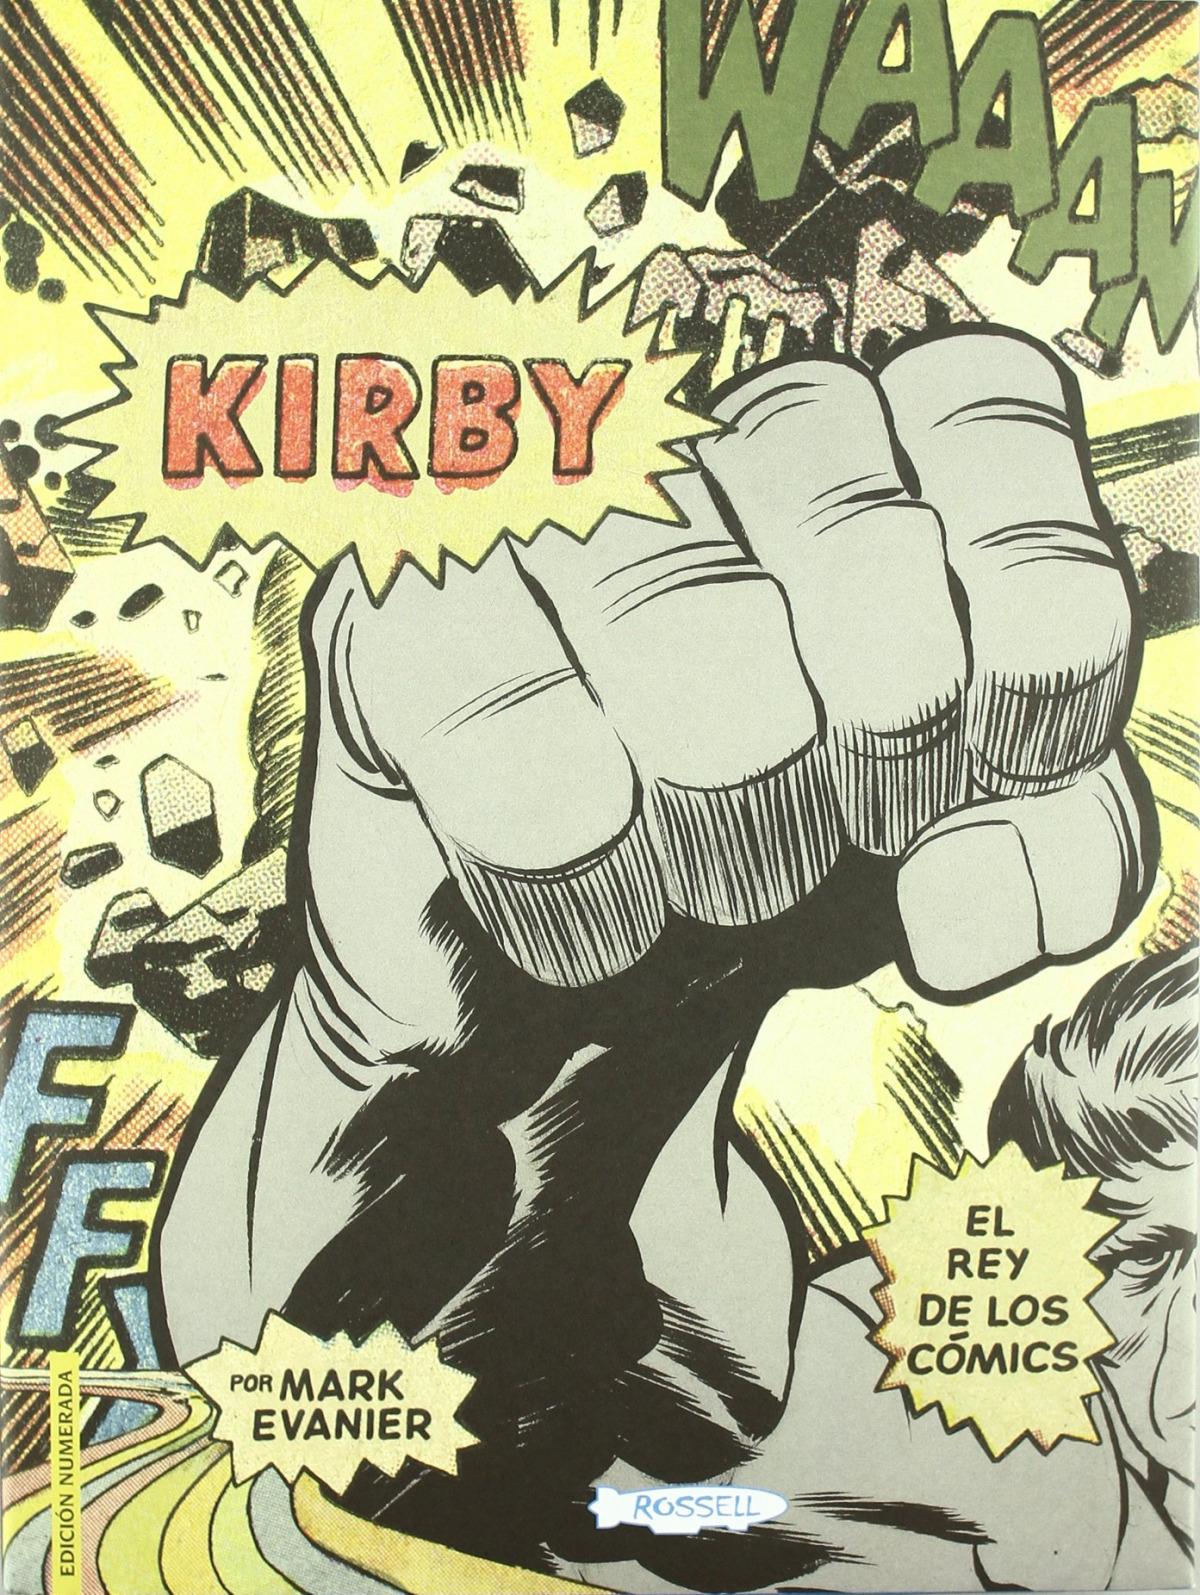 Kirby El Rey Comics